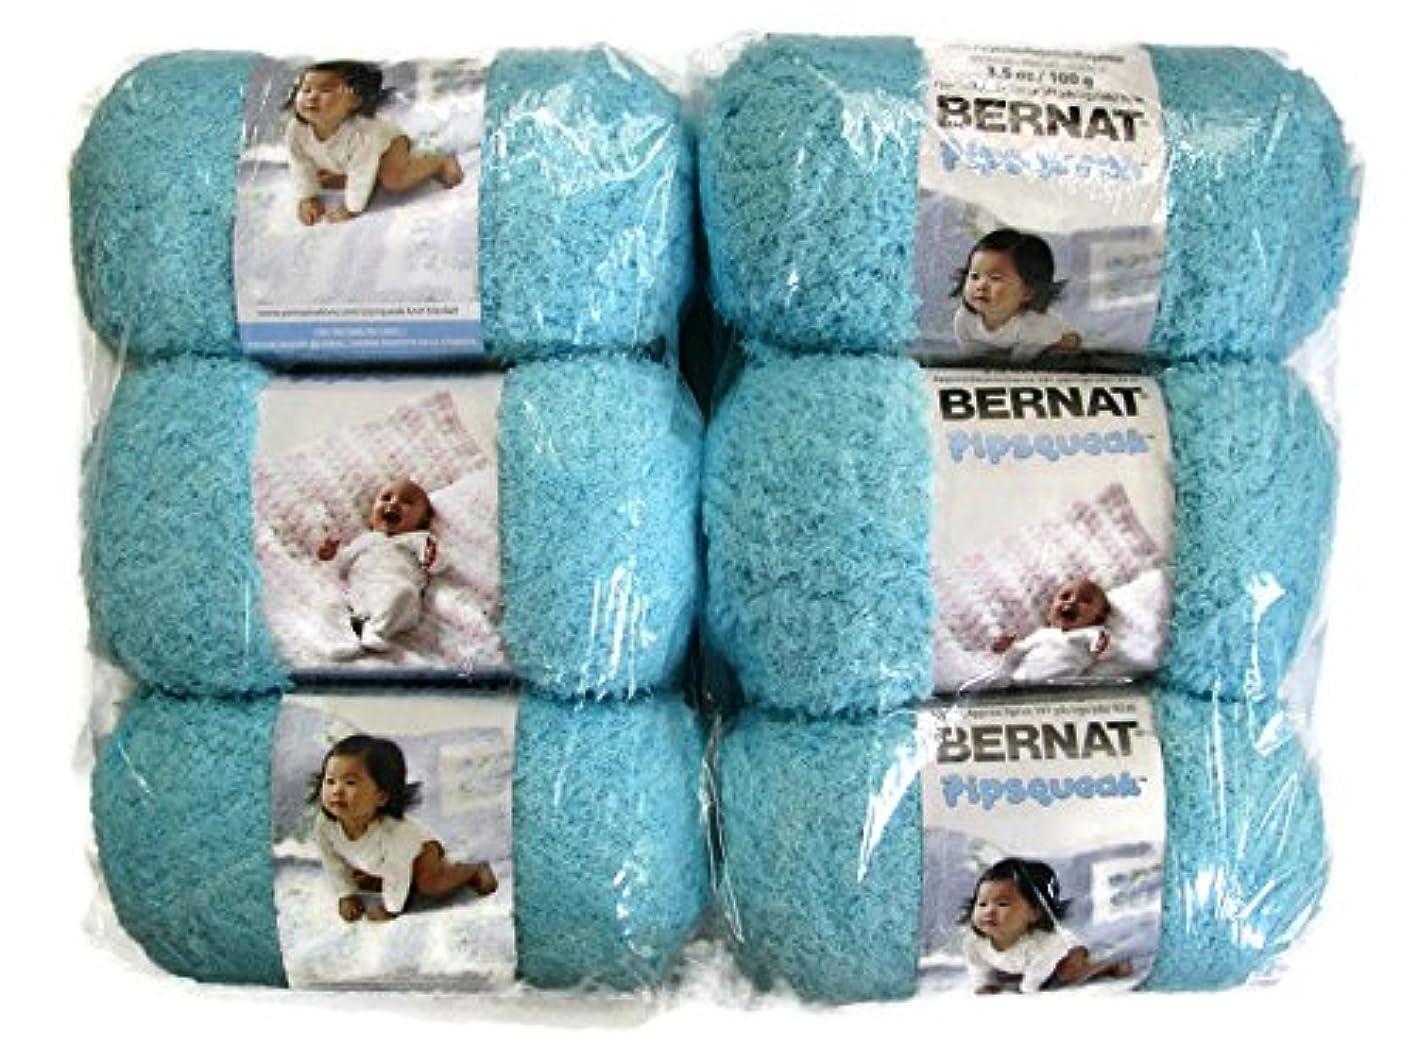 Pipsqueak Yarn, 3.5oz, 6-Pack (Blue Ice) hvdvfldpxfw444